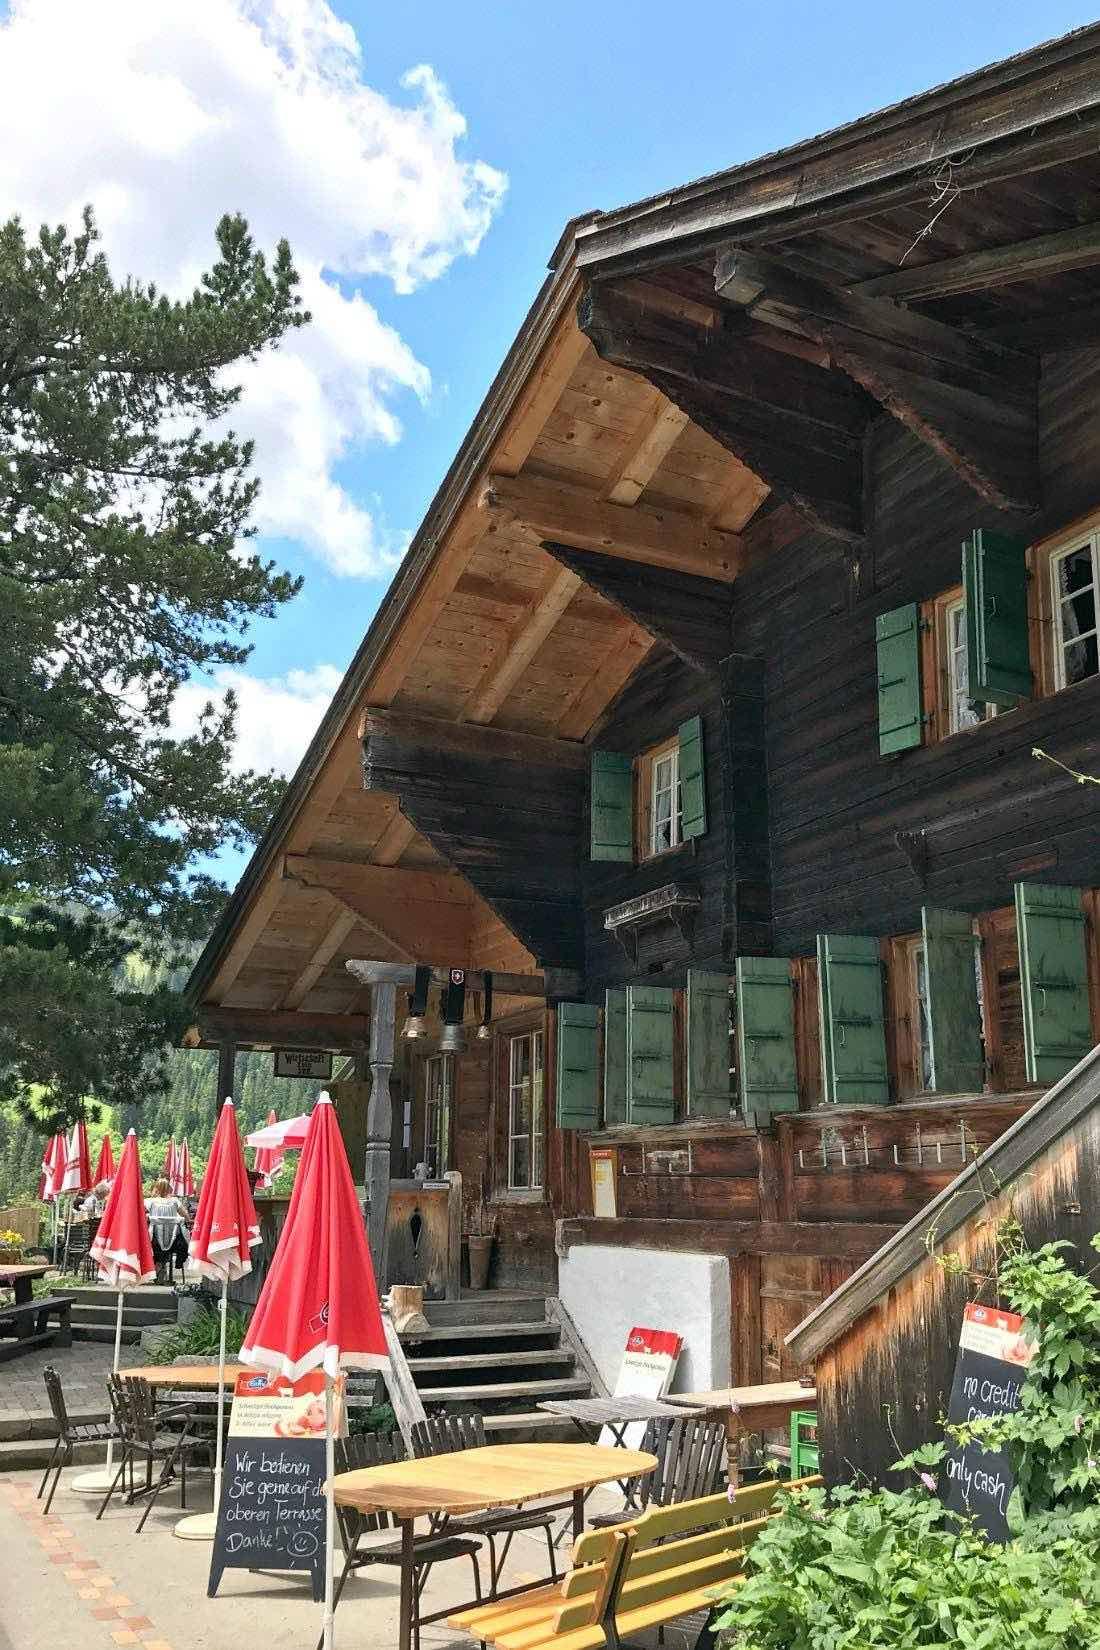 Restaurant Lauenensee